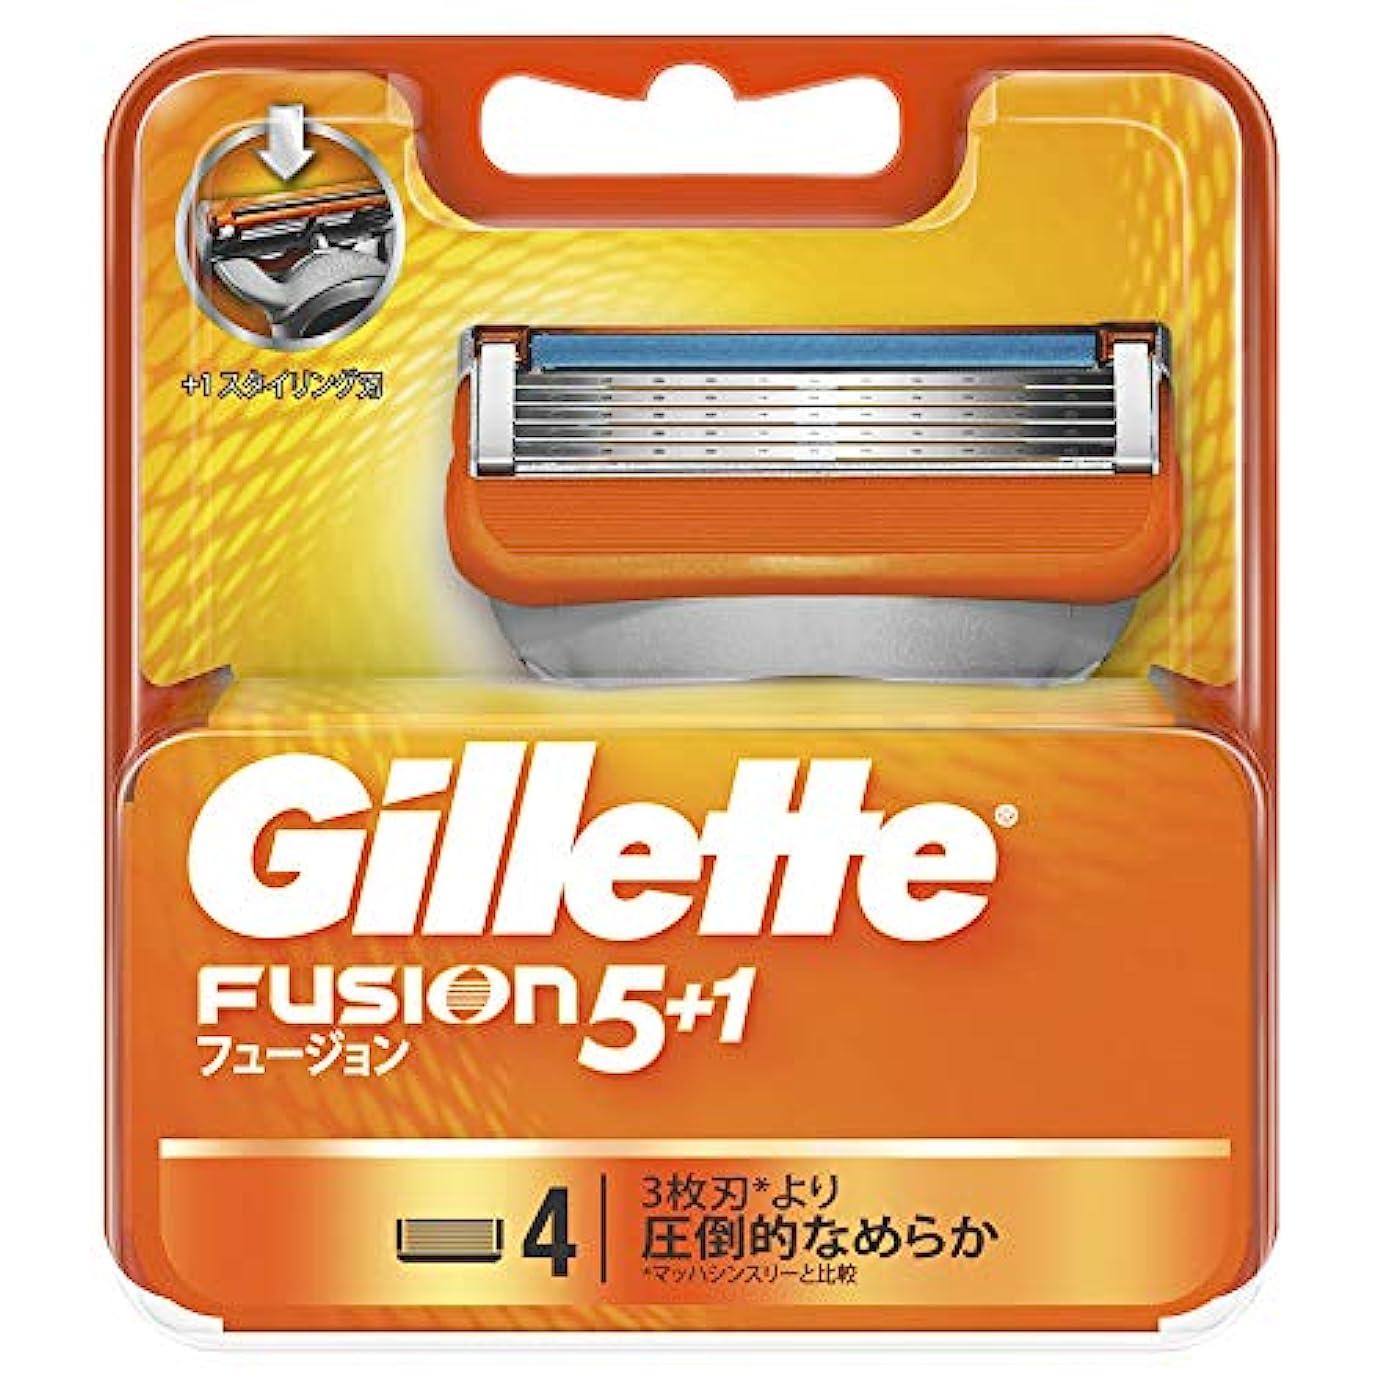 ジレット フュージョン 5+1 替刃4個入